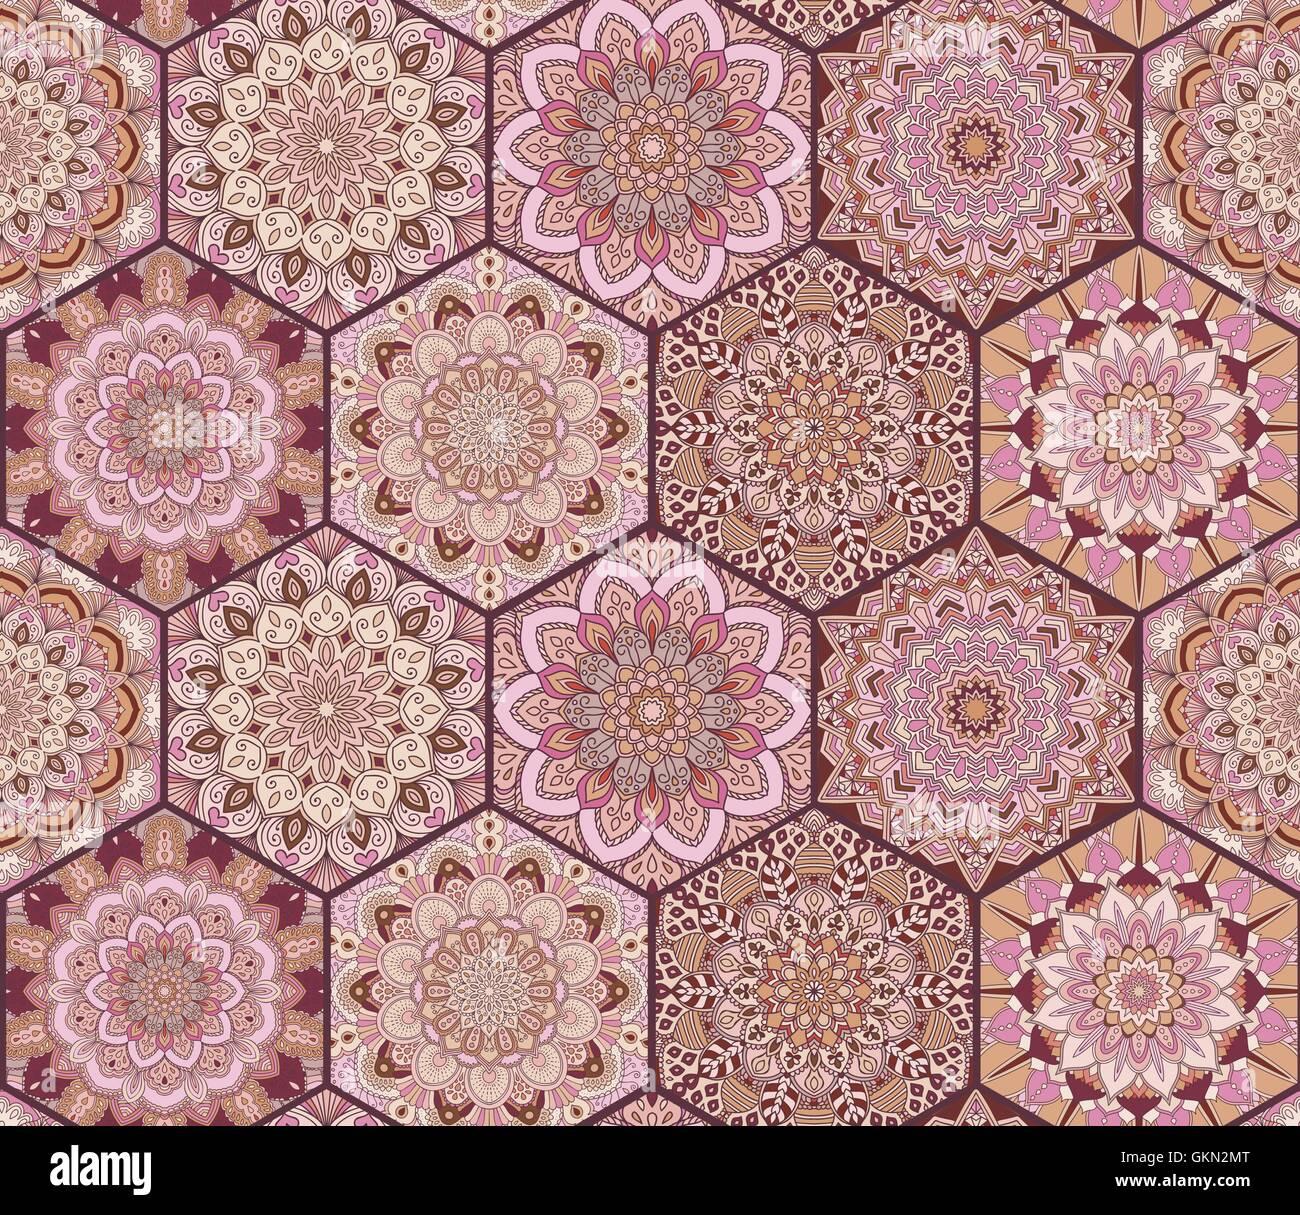 Fliesen Muster Rosa Braun Sechsecke Vektor Abbildung Bild